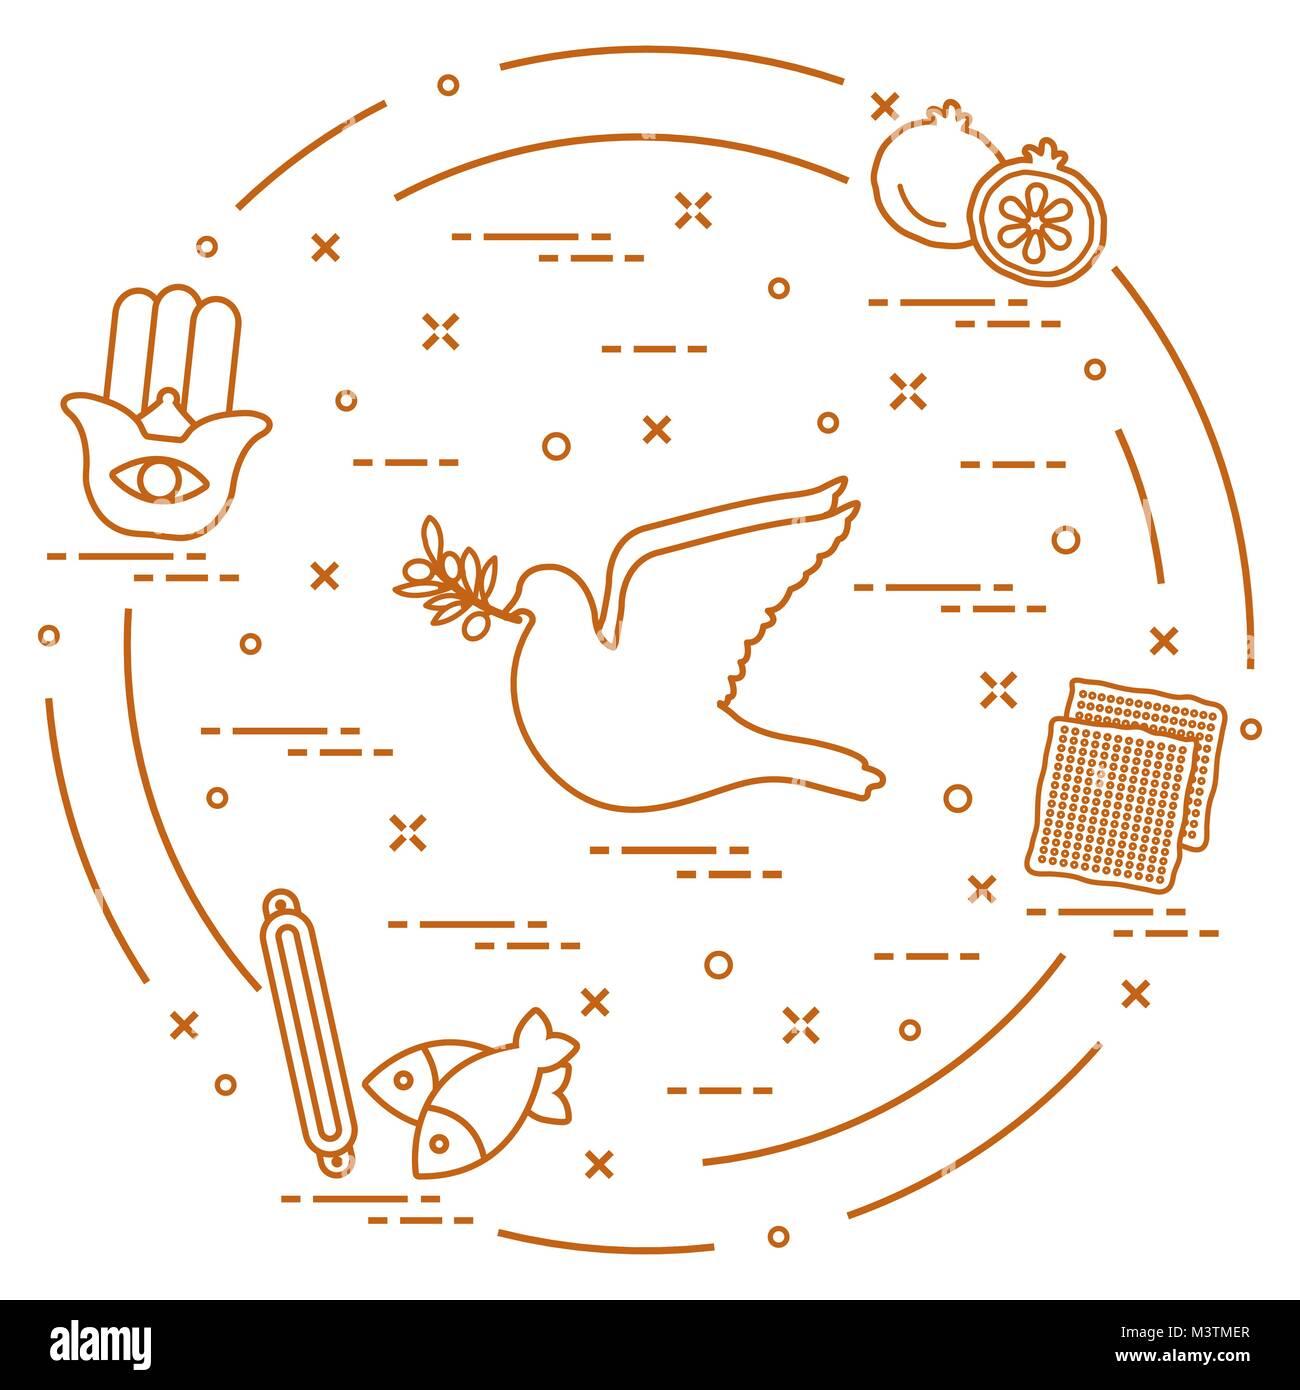 Ausgezeichnet Leere Postkarte Vorlage Wort Ideen ...